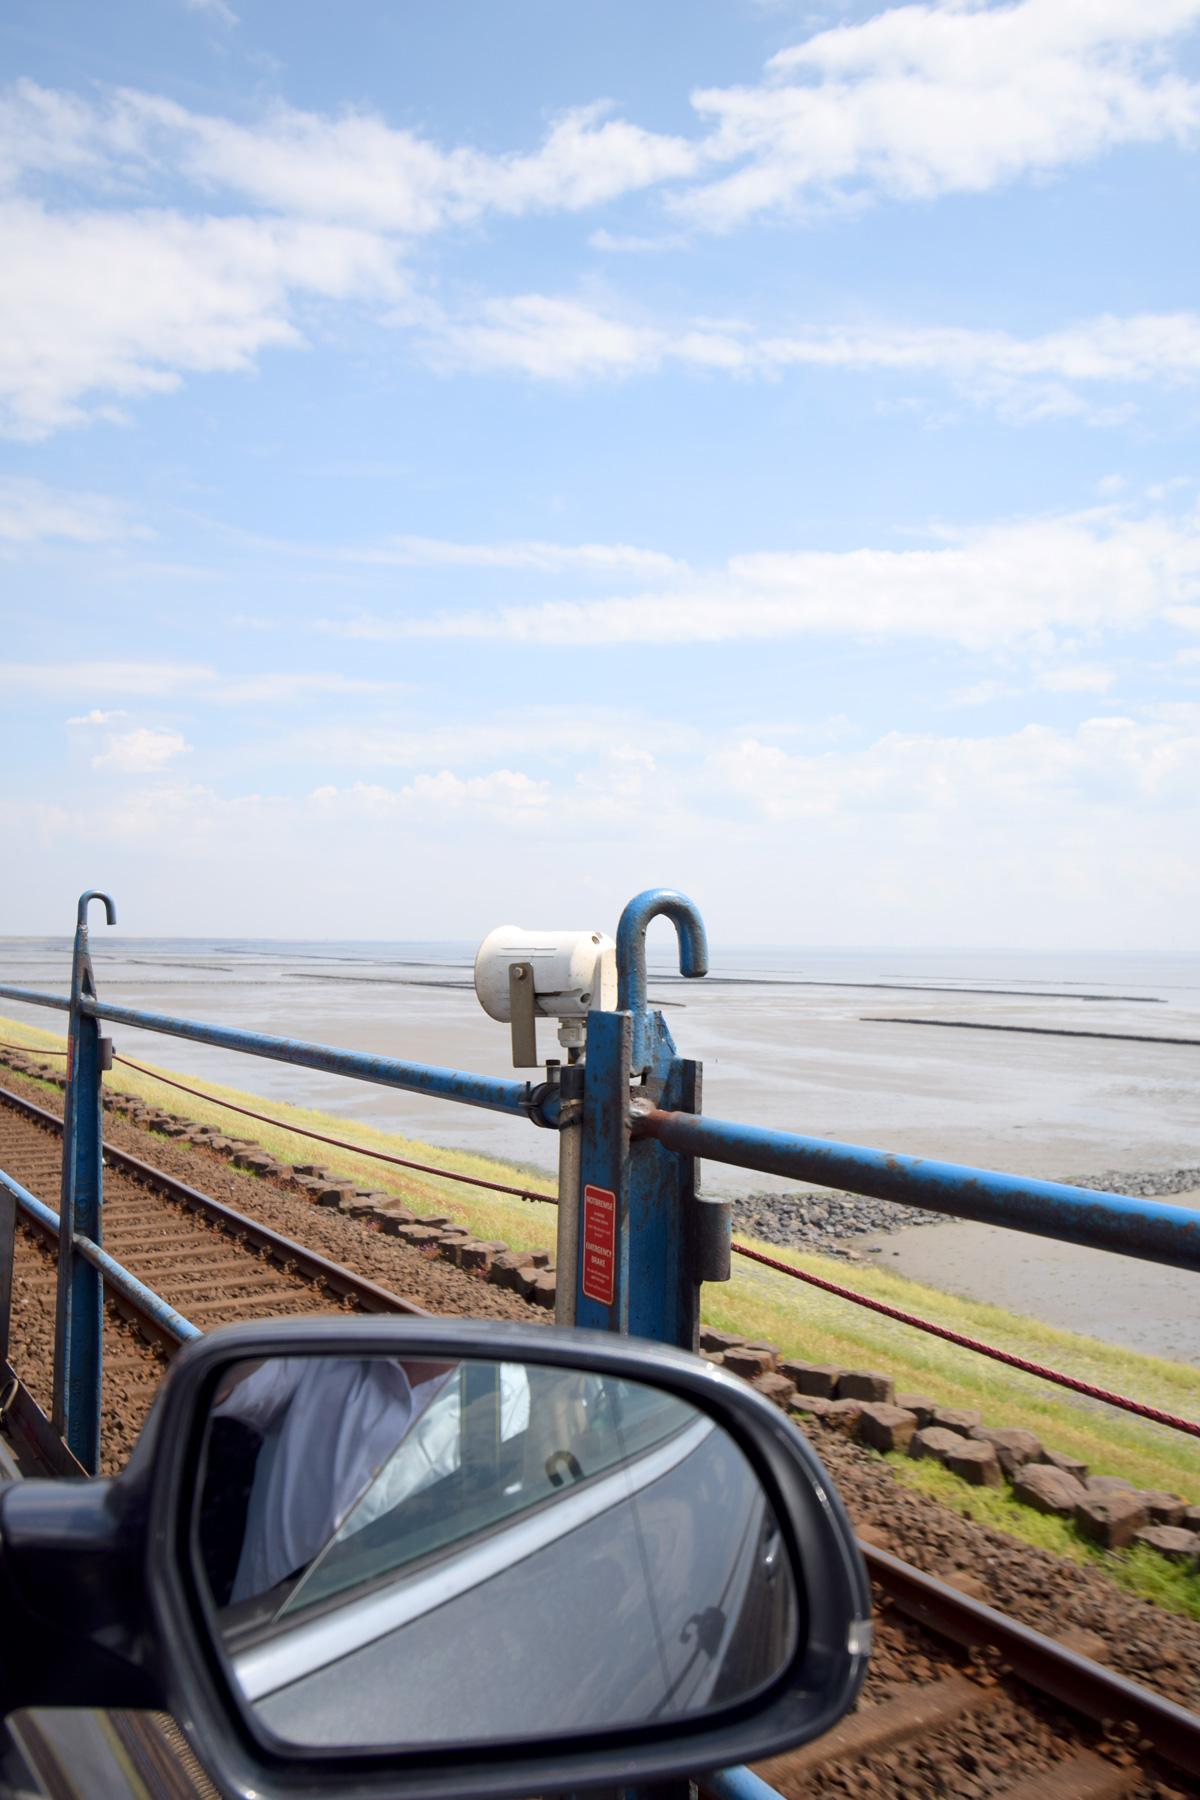 Anreise mit dem Autozug nach Sylt